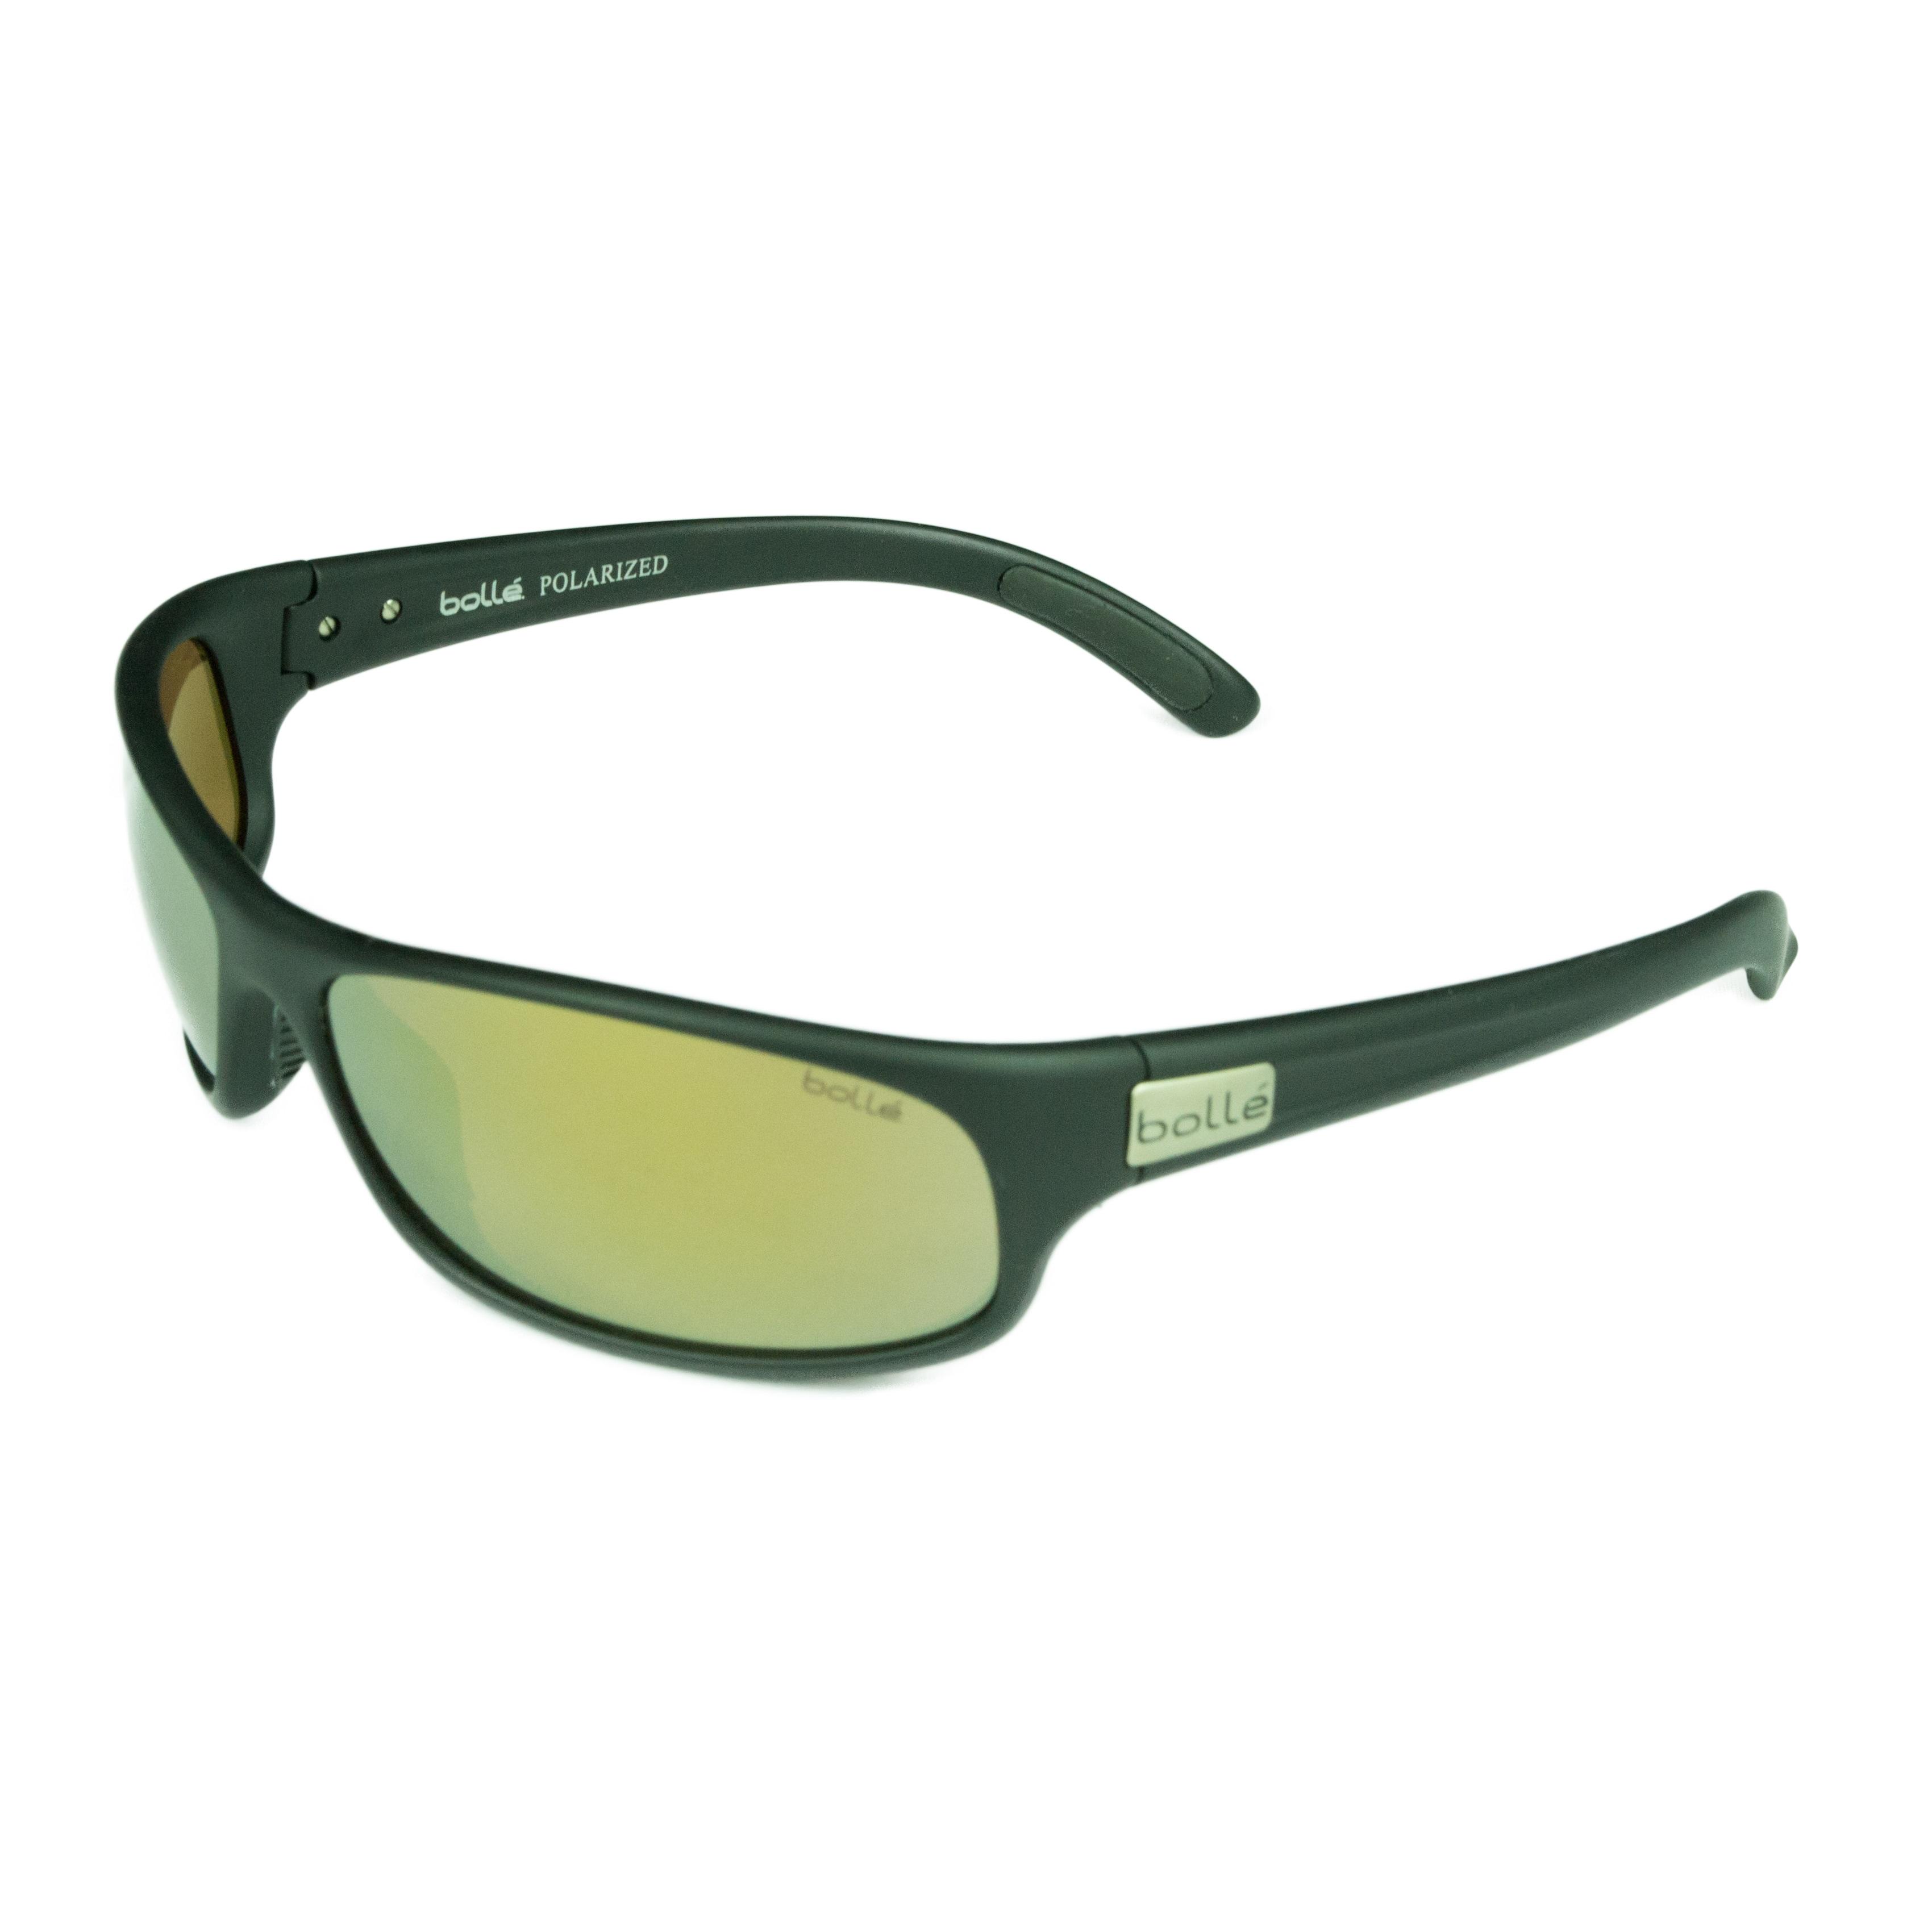 62ea27f06c8 Bolle Sunglasses